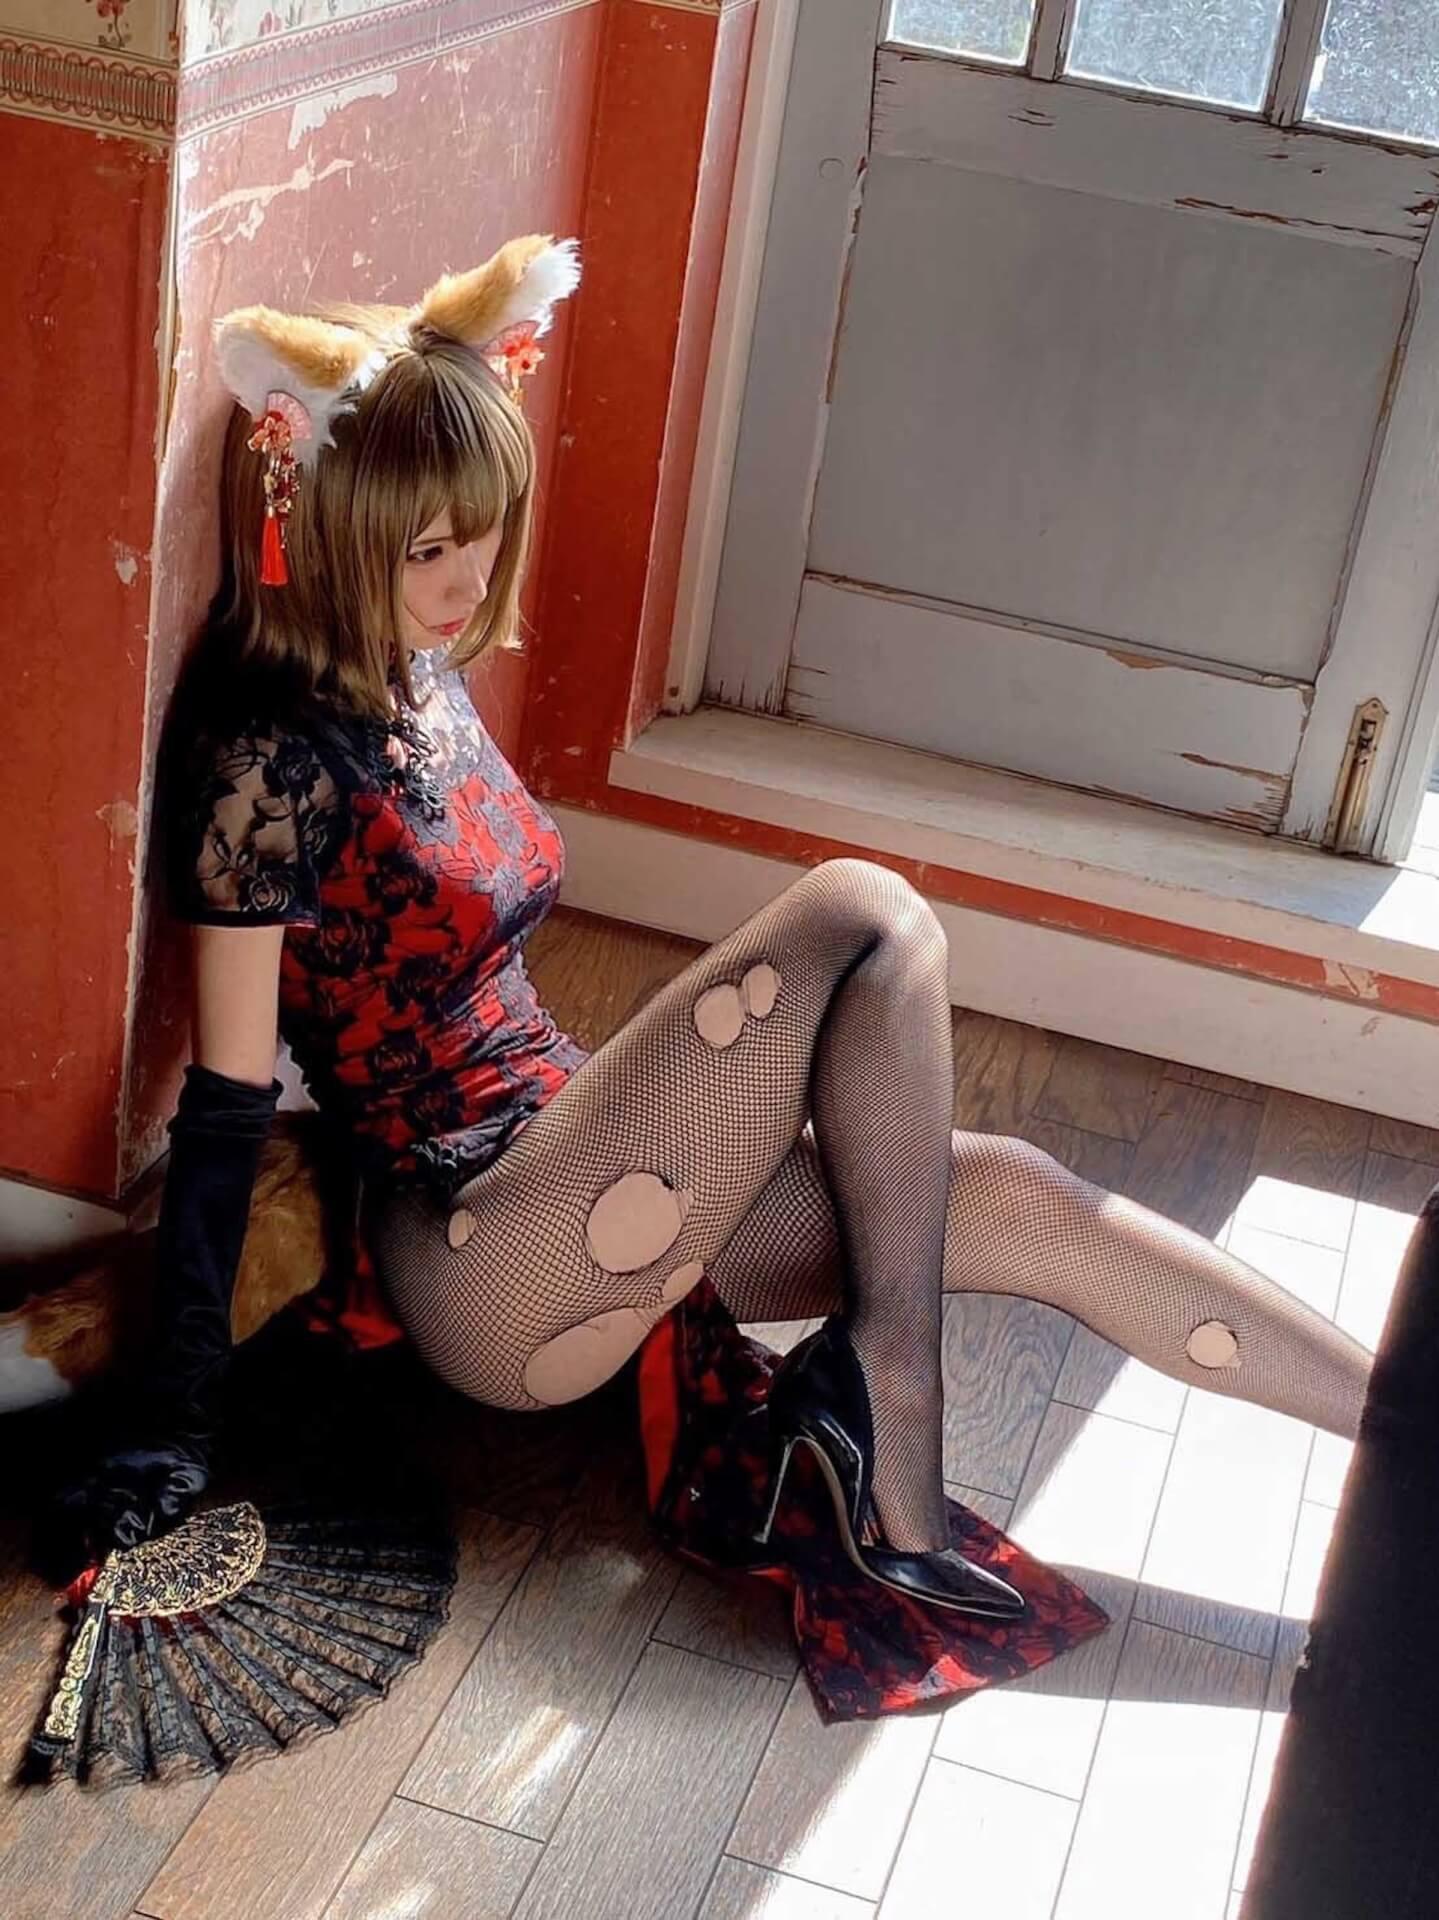 ぬれぬれウサギを再現したえなこがエロすぎる!写真集『えなこ×BEASTARS ワイルドキック』が本日発売 art210531_enako_2